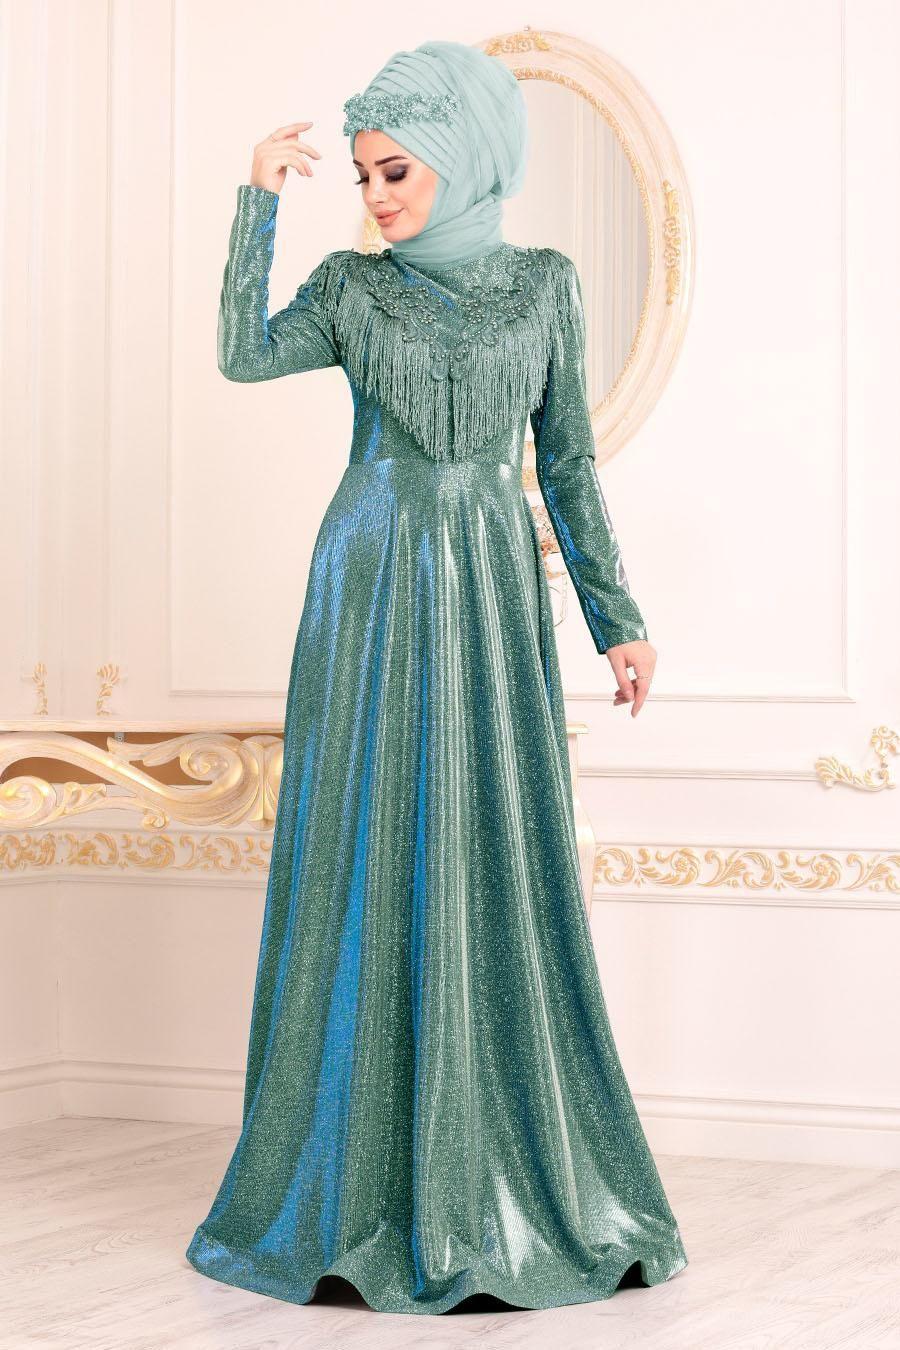 Tesetturlu Abiye Elbise Boncuk Detayli Yesil Tesettur Abiye Elbise 20670y Tesetturisland Com The Dress Aksamustu Giysileri Elbise